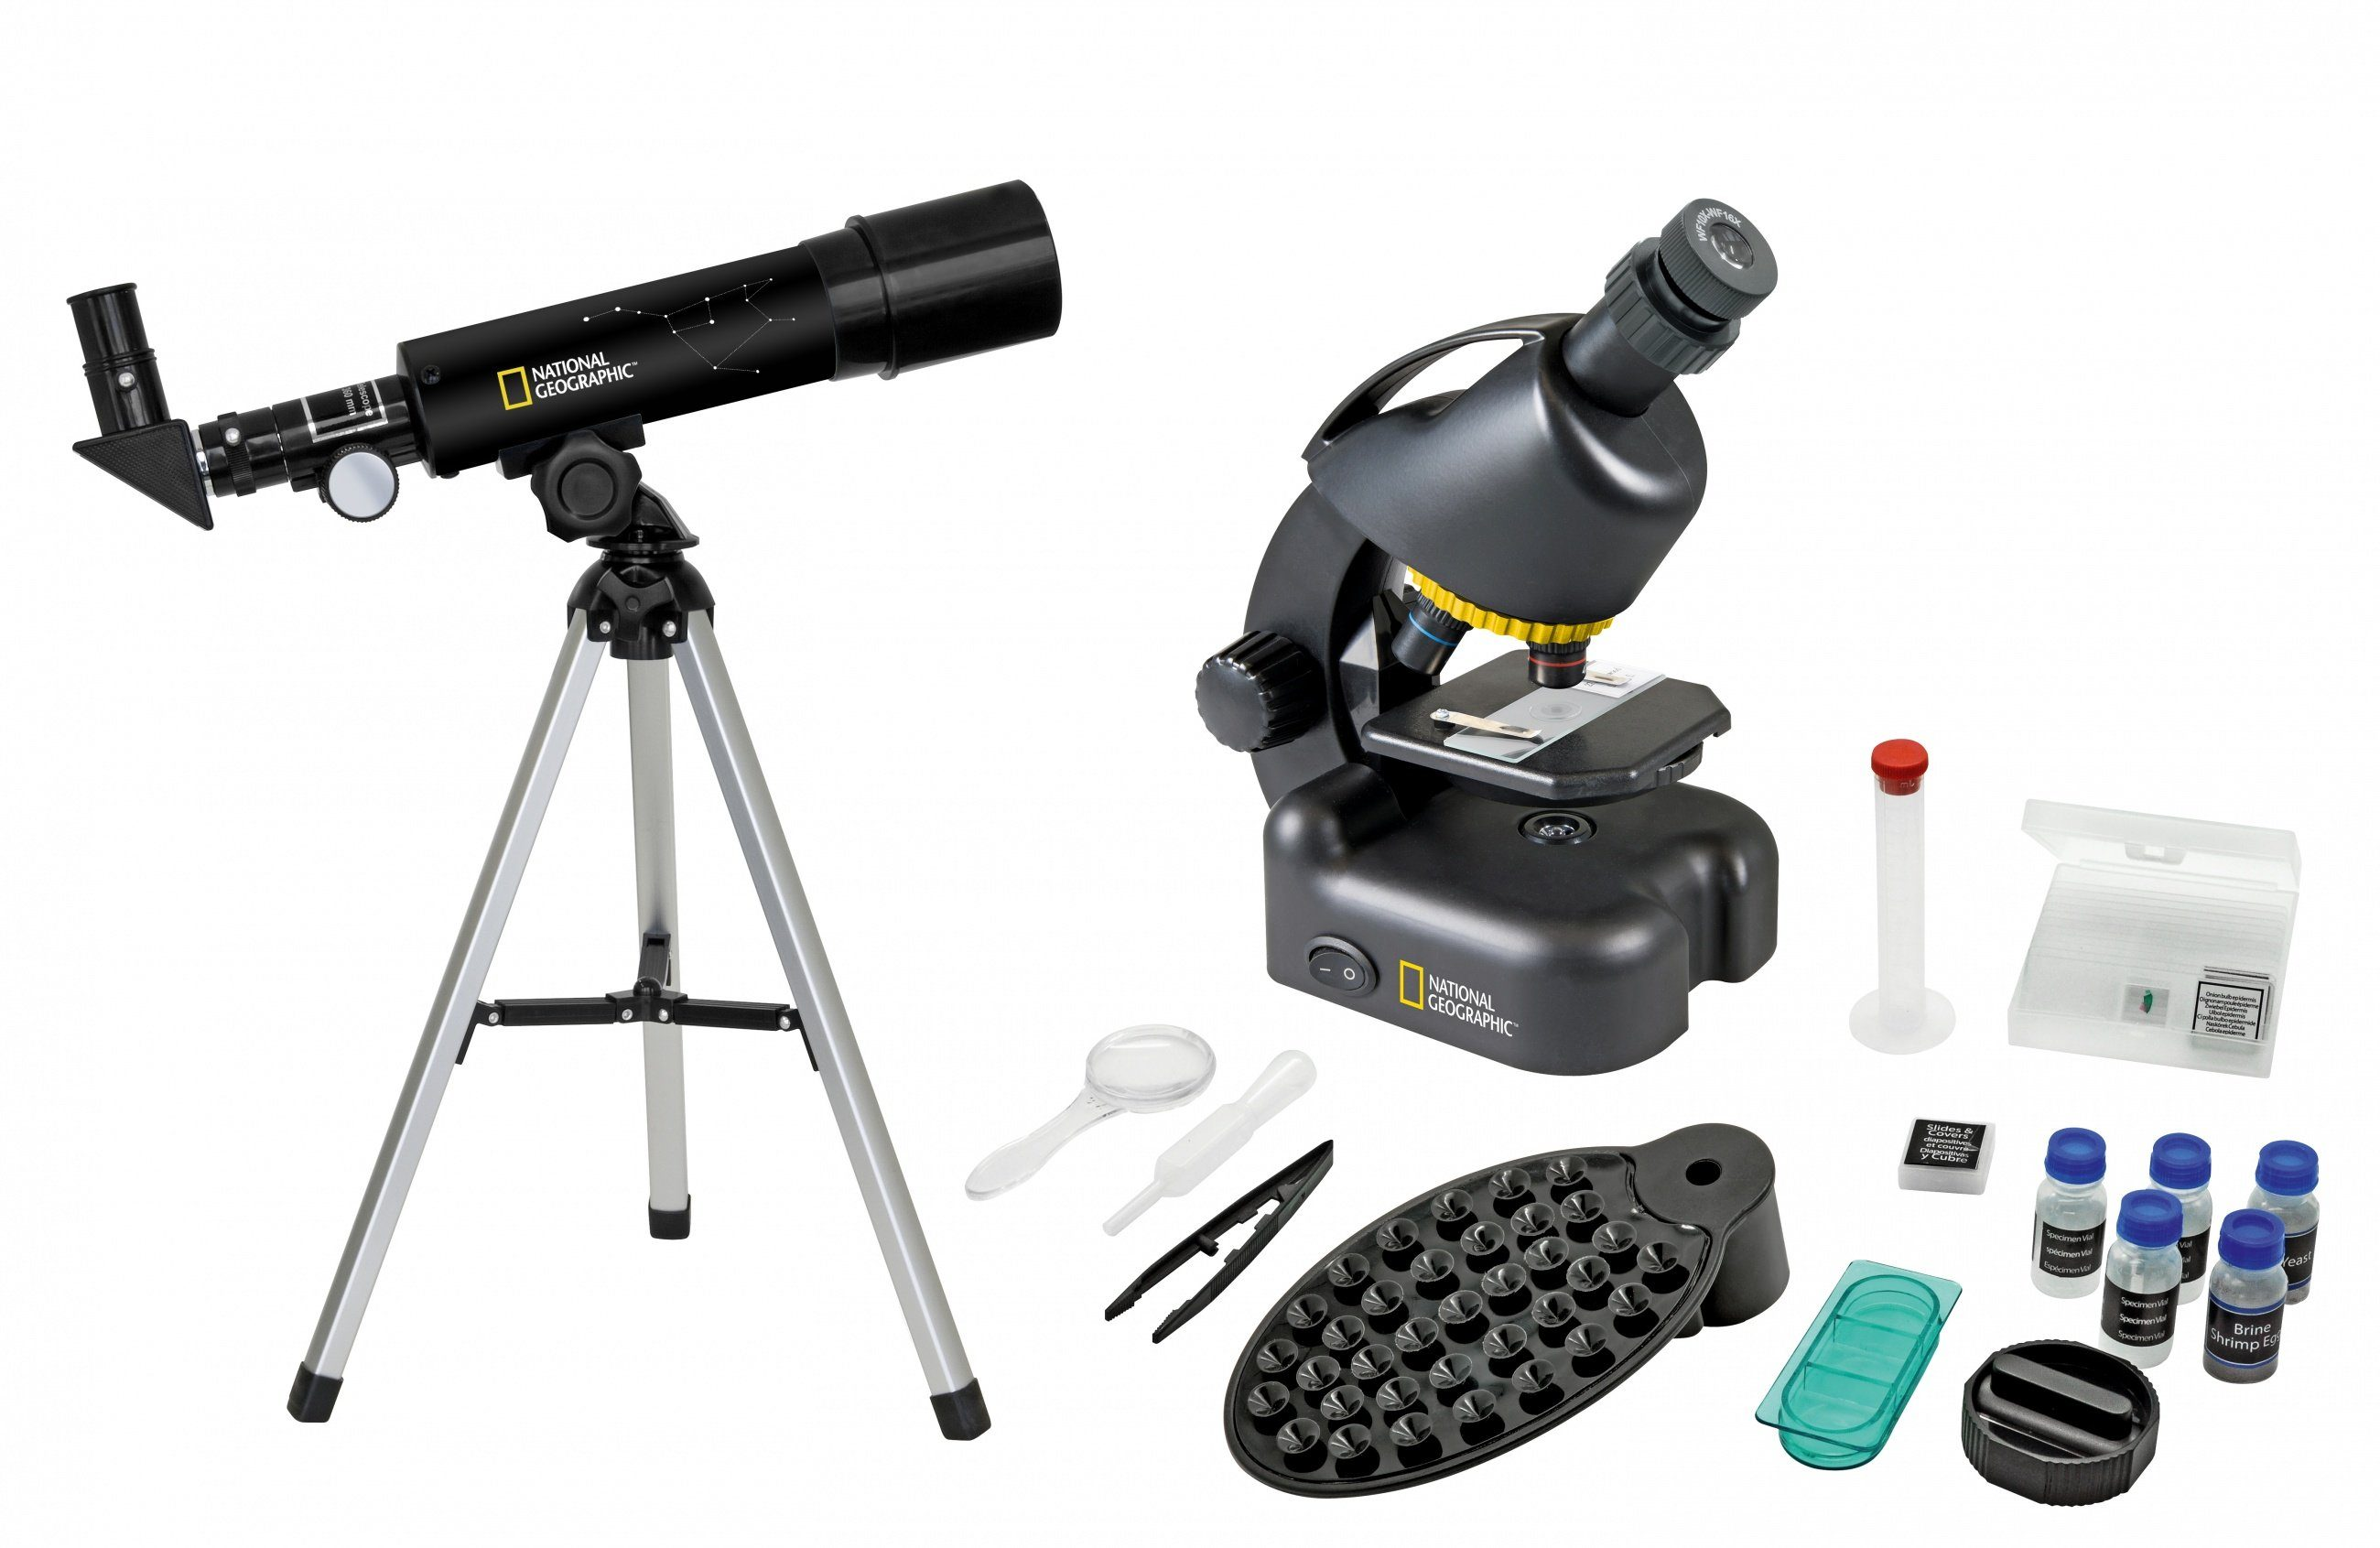 National geographic teleskop und mikroskop kompakt mit